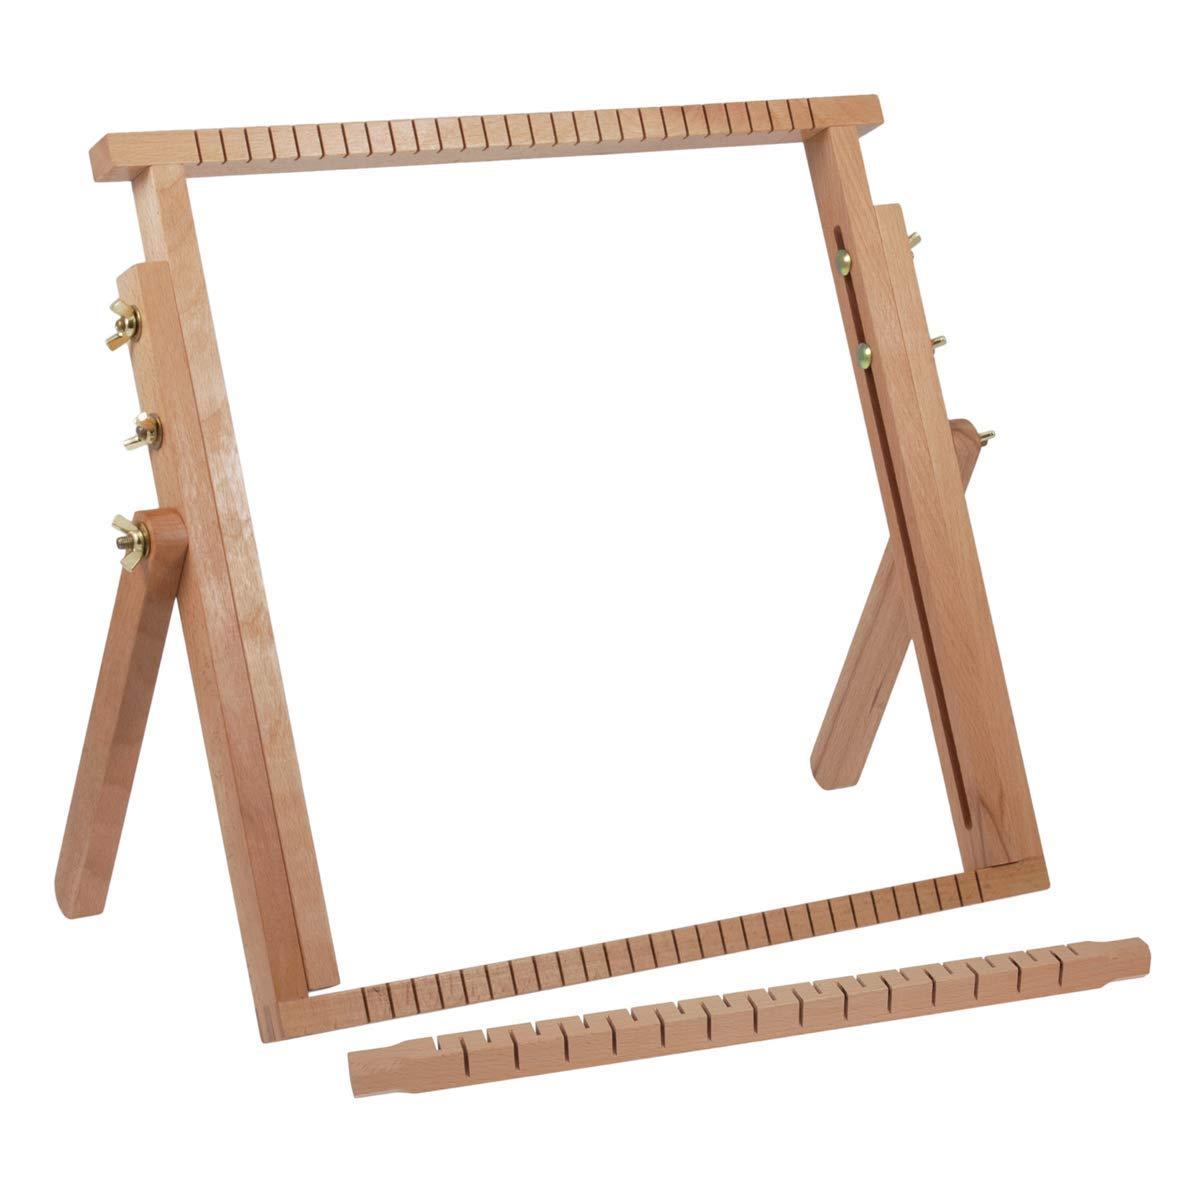 Milward Tissage extensible en bois de h/être 40 x 40-61 cm 40x40-61cm bois